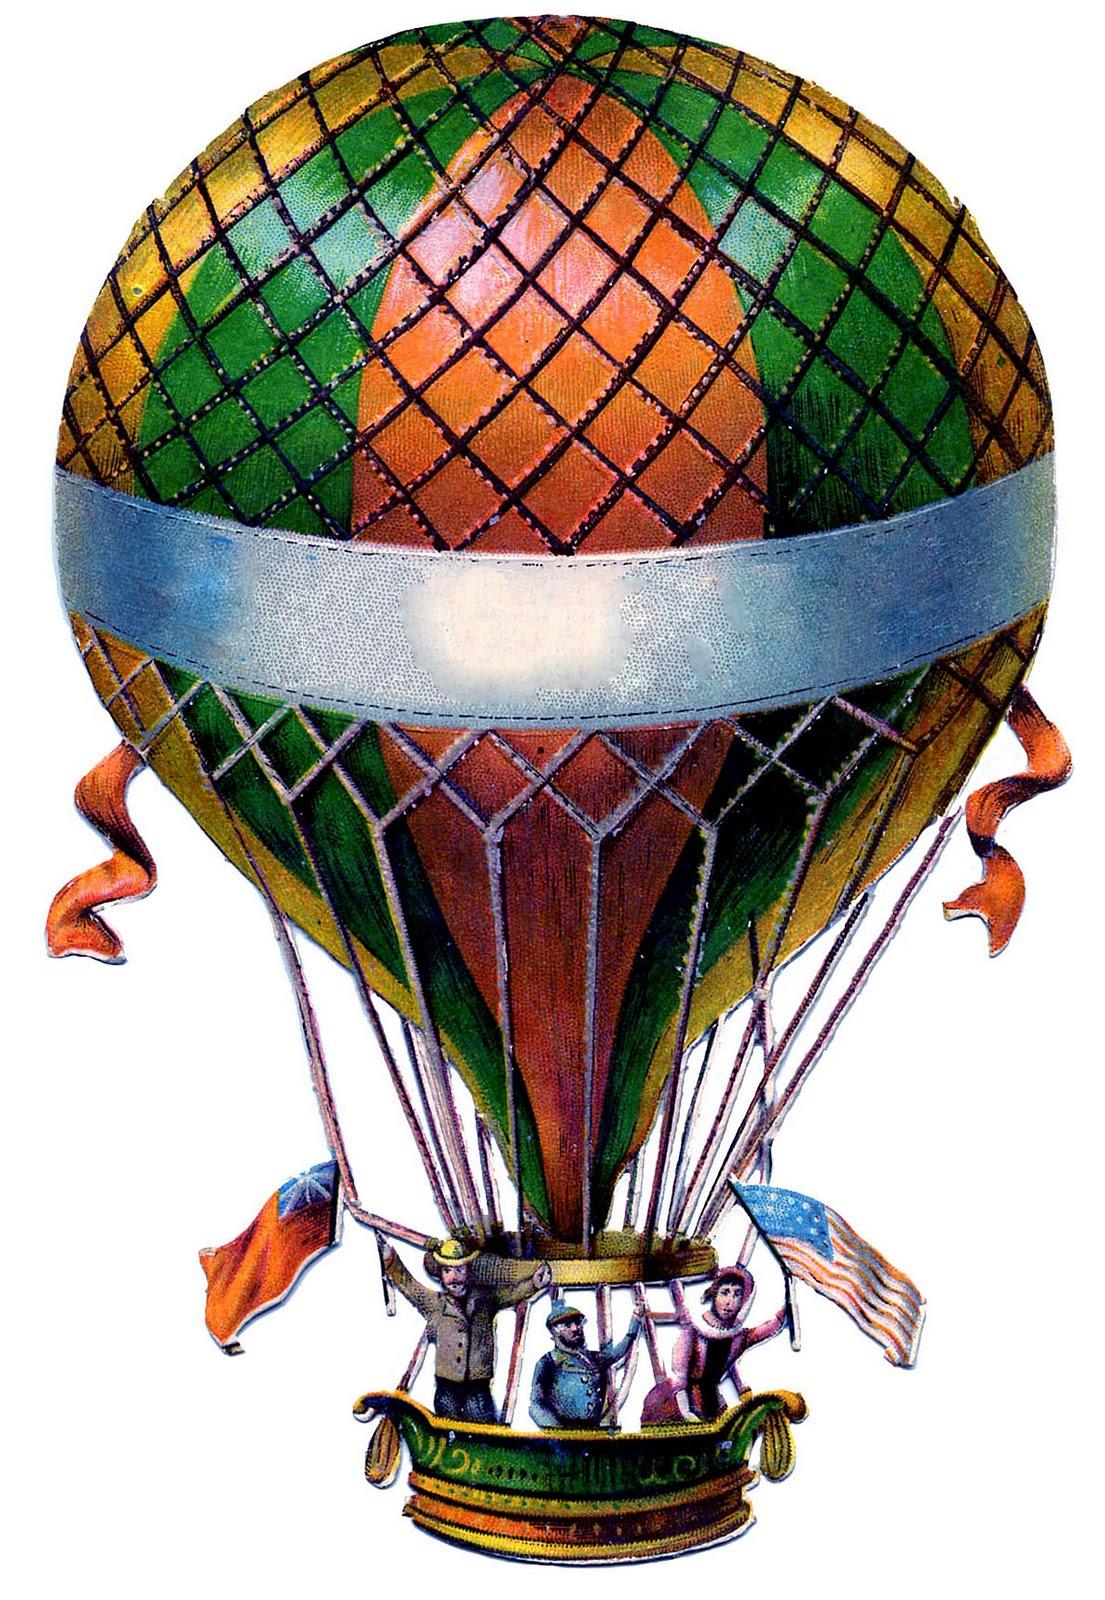 Hot Air Balloon clipart vintage Graphic balloons Balloon air Steampunk